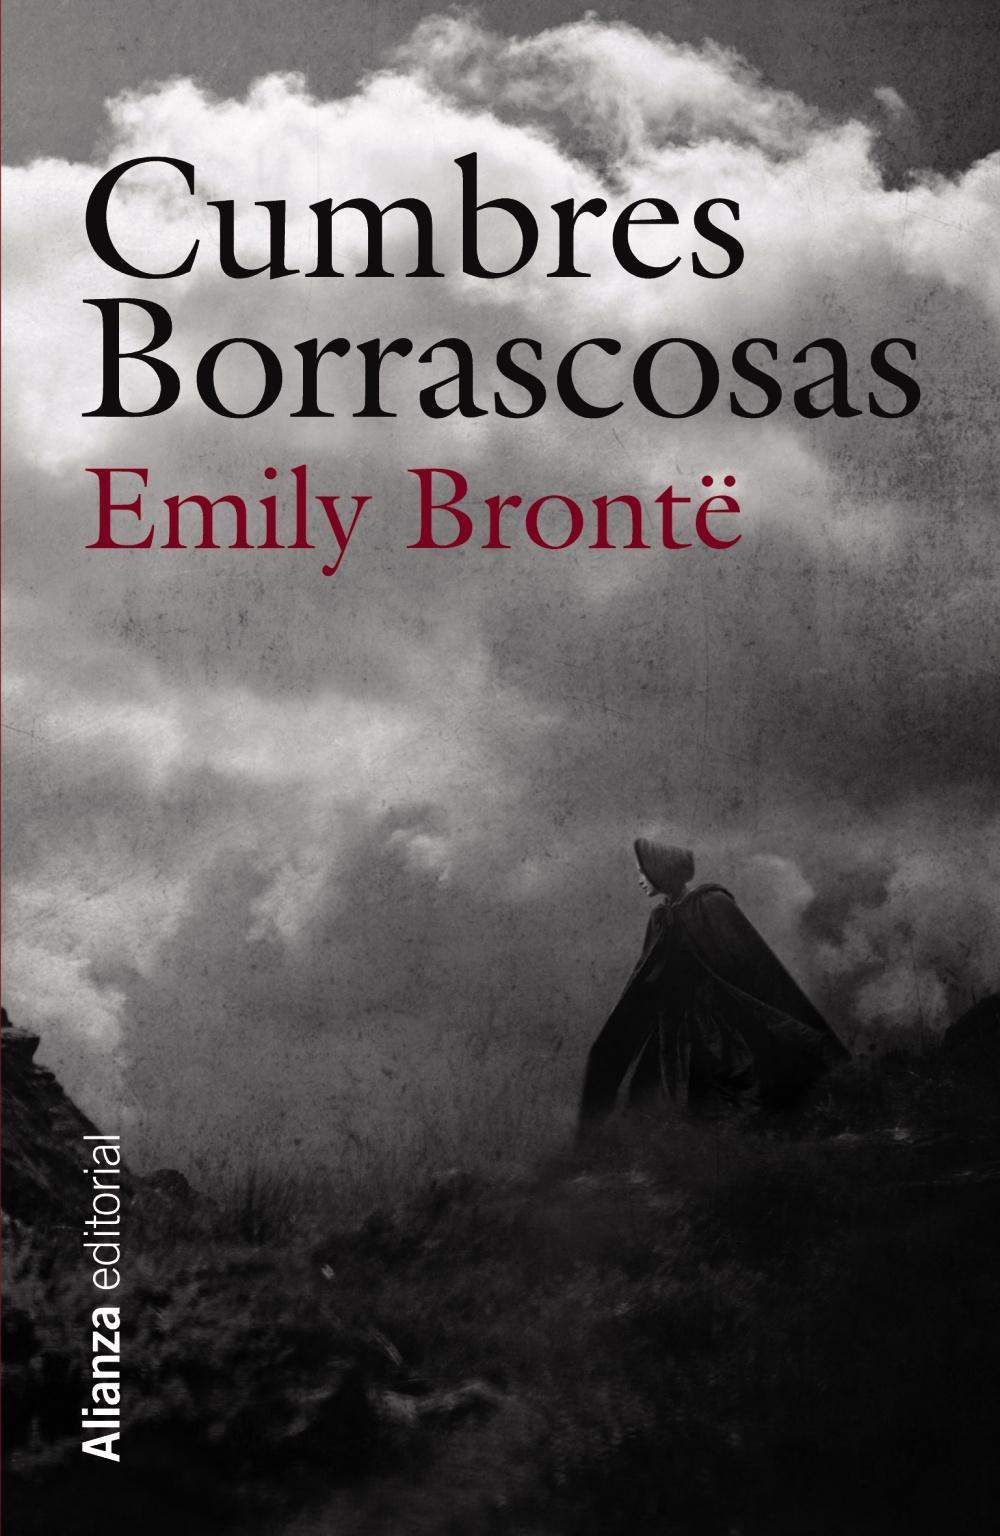 3. Cumbres borrascosas de Emily Brontë